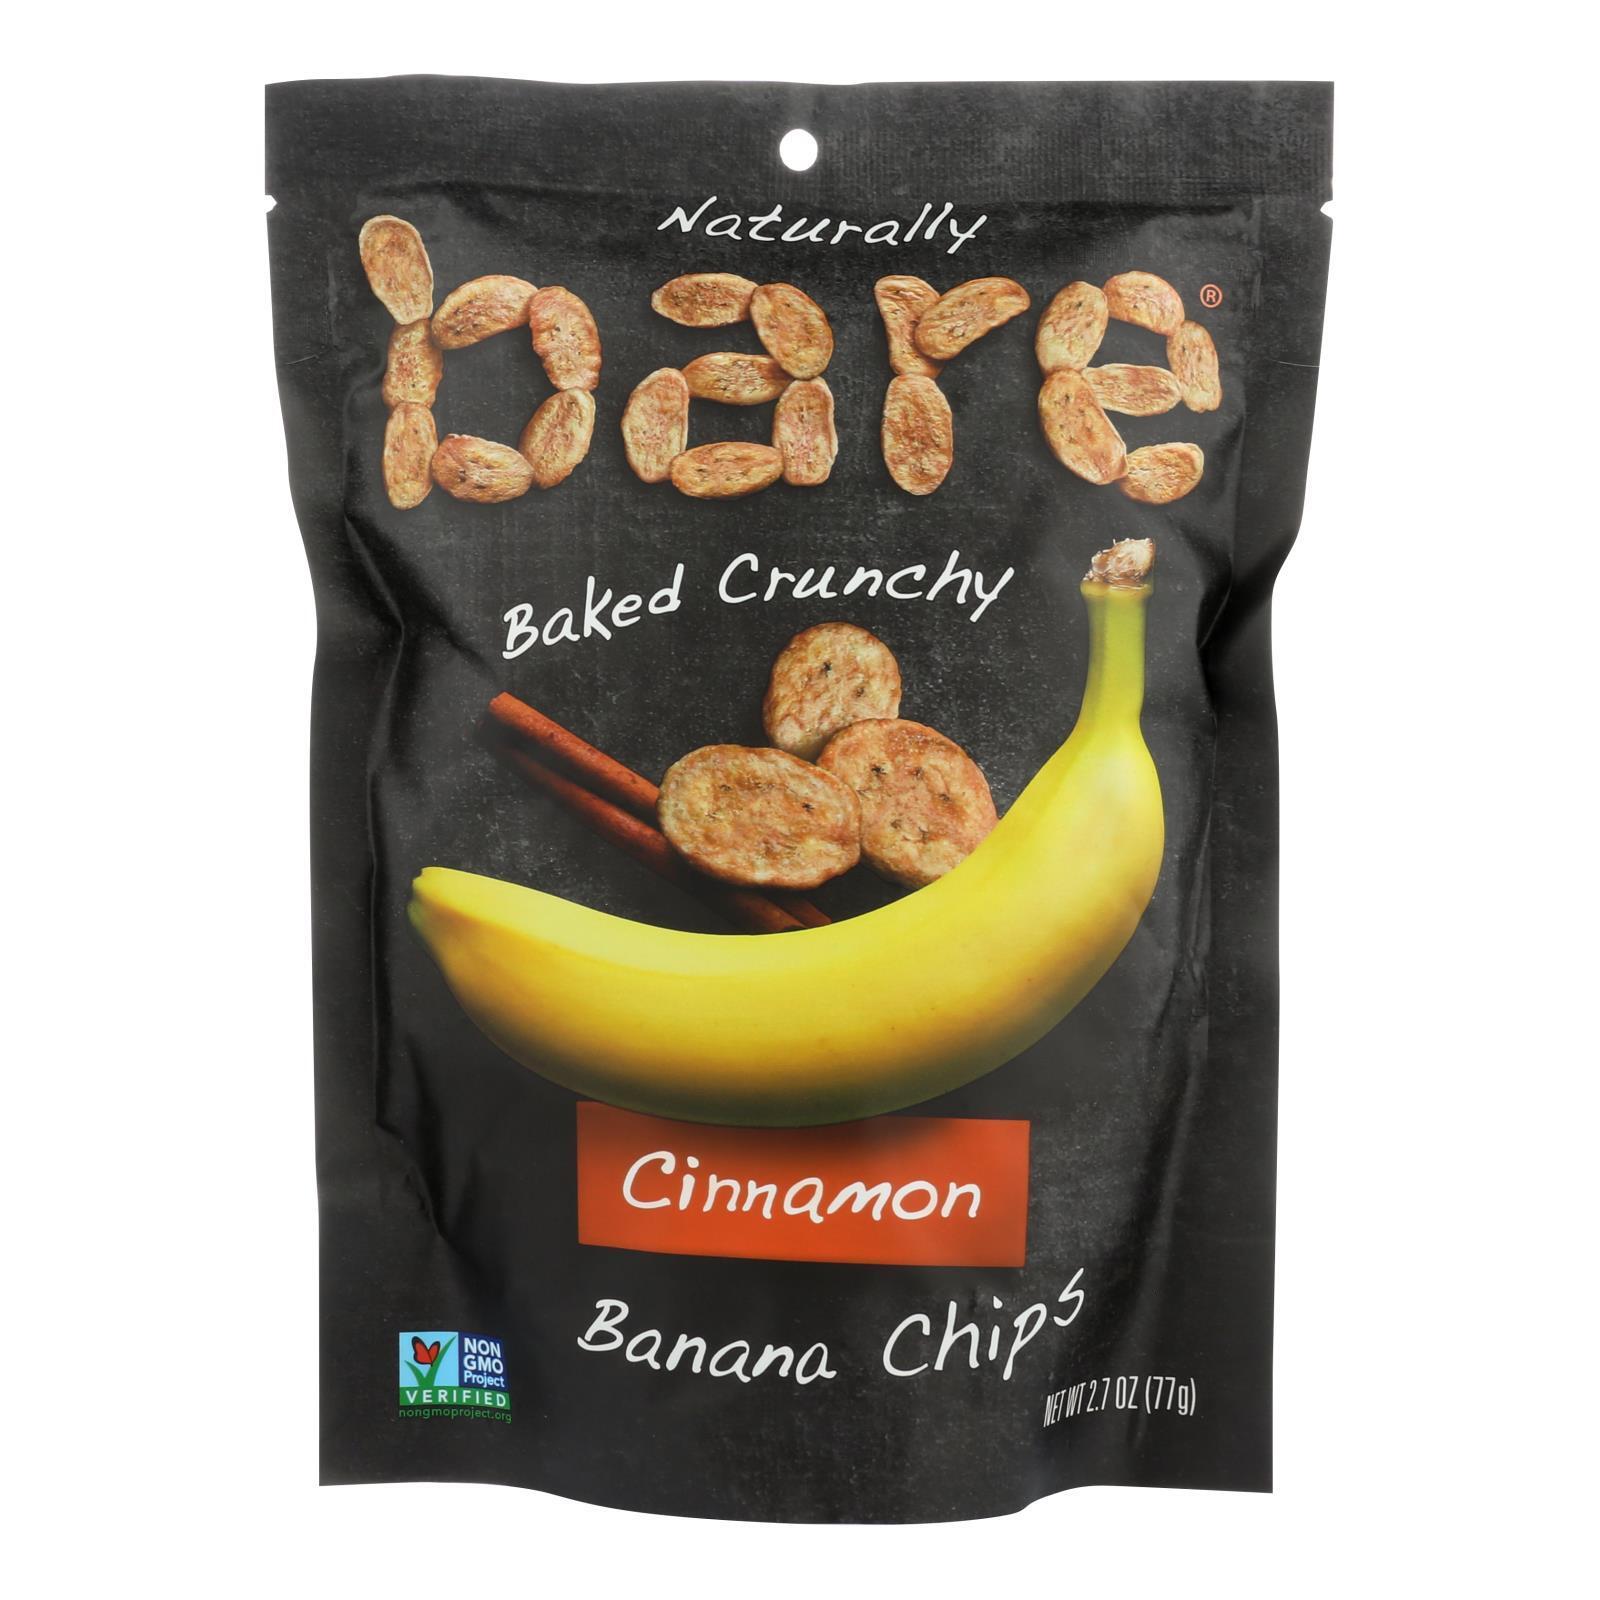 Bare Fruit Banana Chip - Cinnamon - Case of 12 - 2.7 oz.